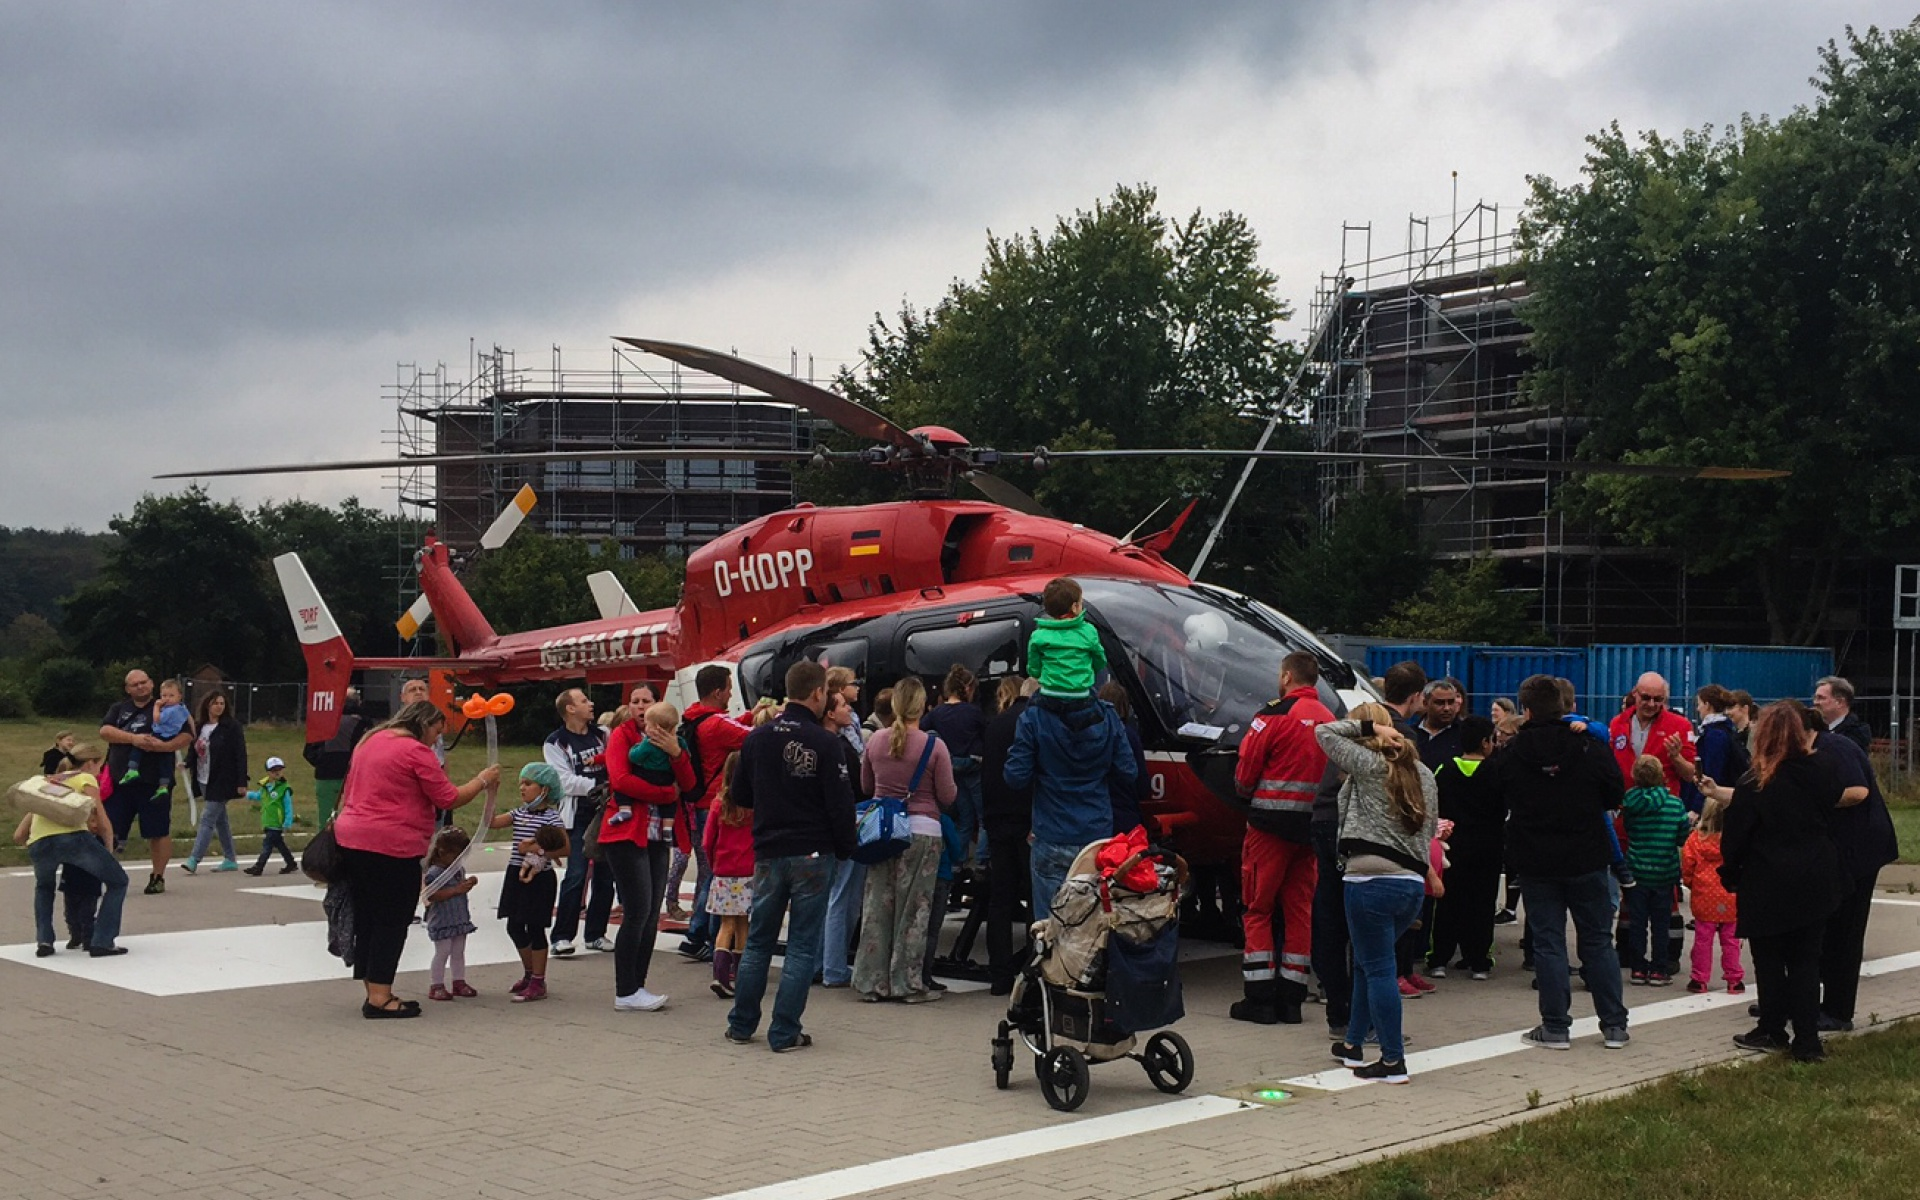 Zahlreiche Gäste des Tages der offenen Tür am Kinderkrankenhaus auf der Bult interessierten sich für den rot-weißen Rettungshubschrauber.